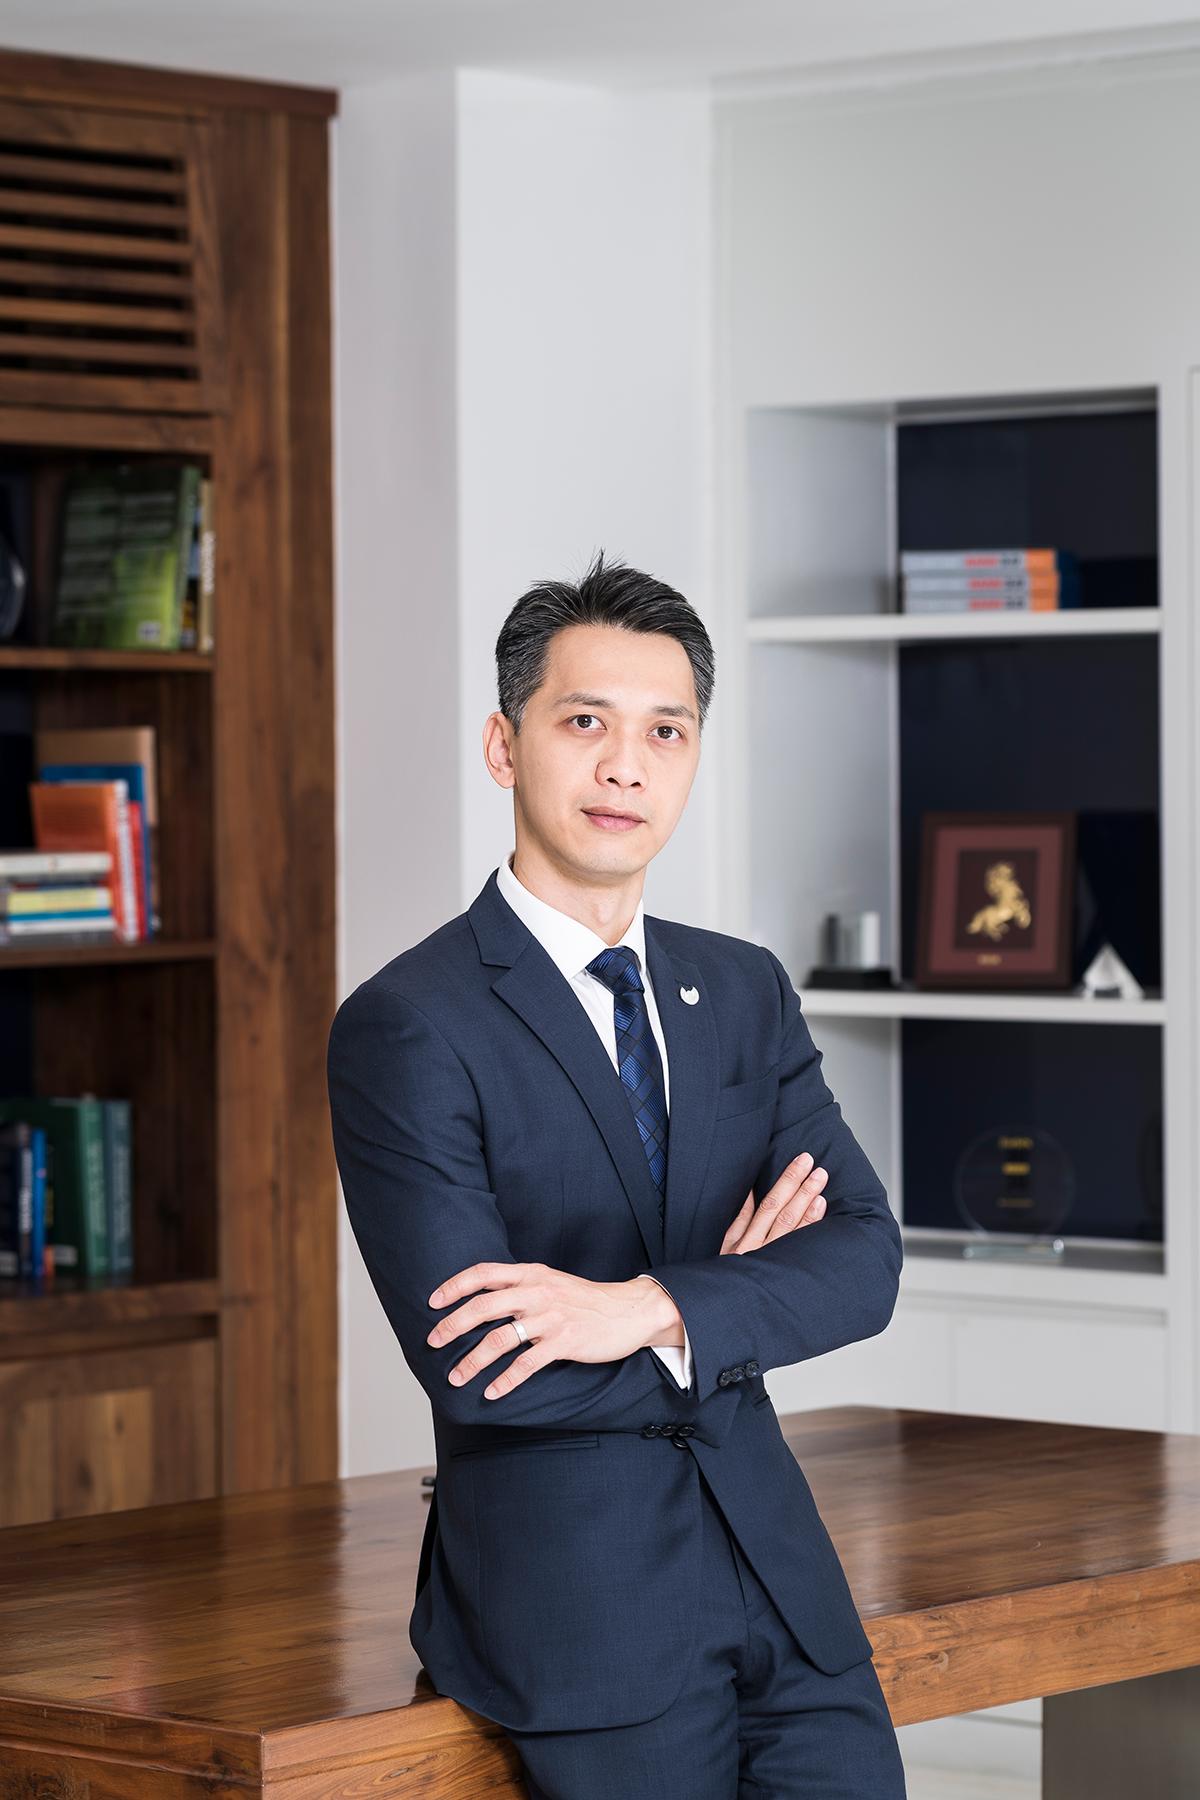 Chủ tịch HĐQT ACB Trần Hùng Huy: Mình không biết nhảy, không biết hát nhưng có thể học và không sợ quê! - Ảnh 4.